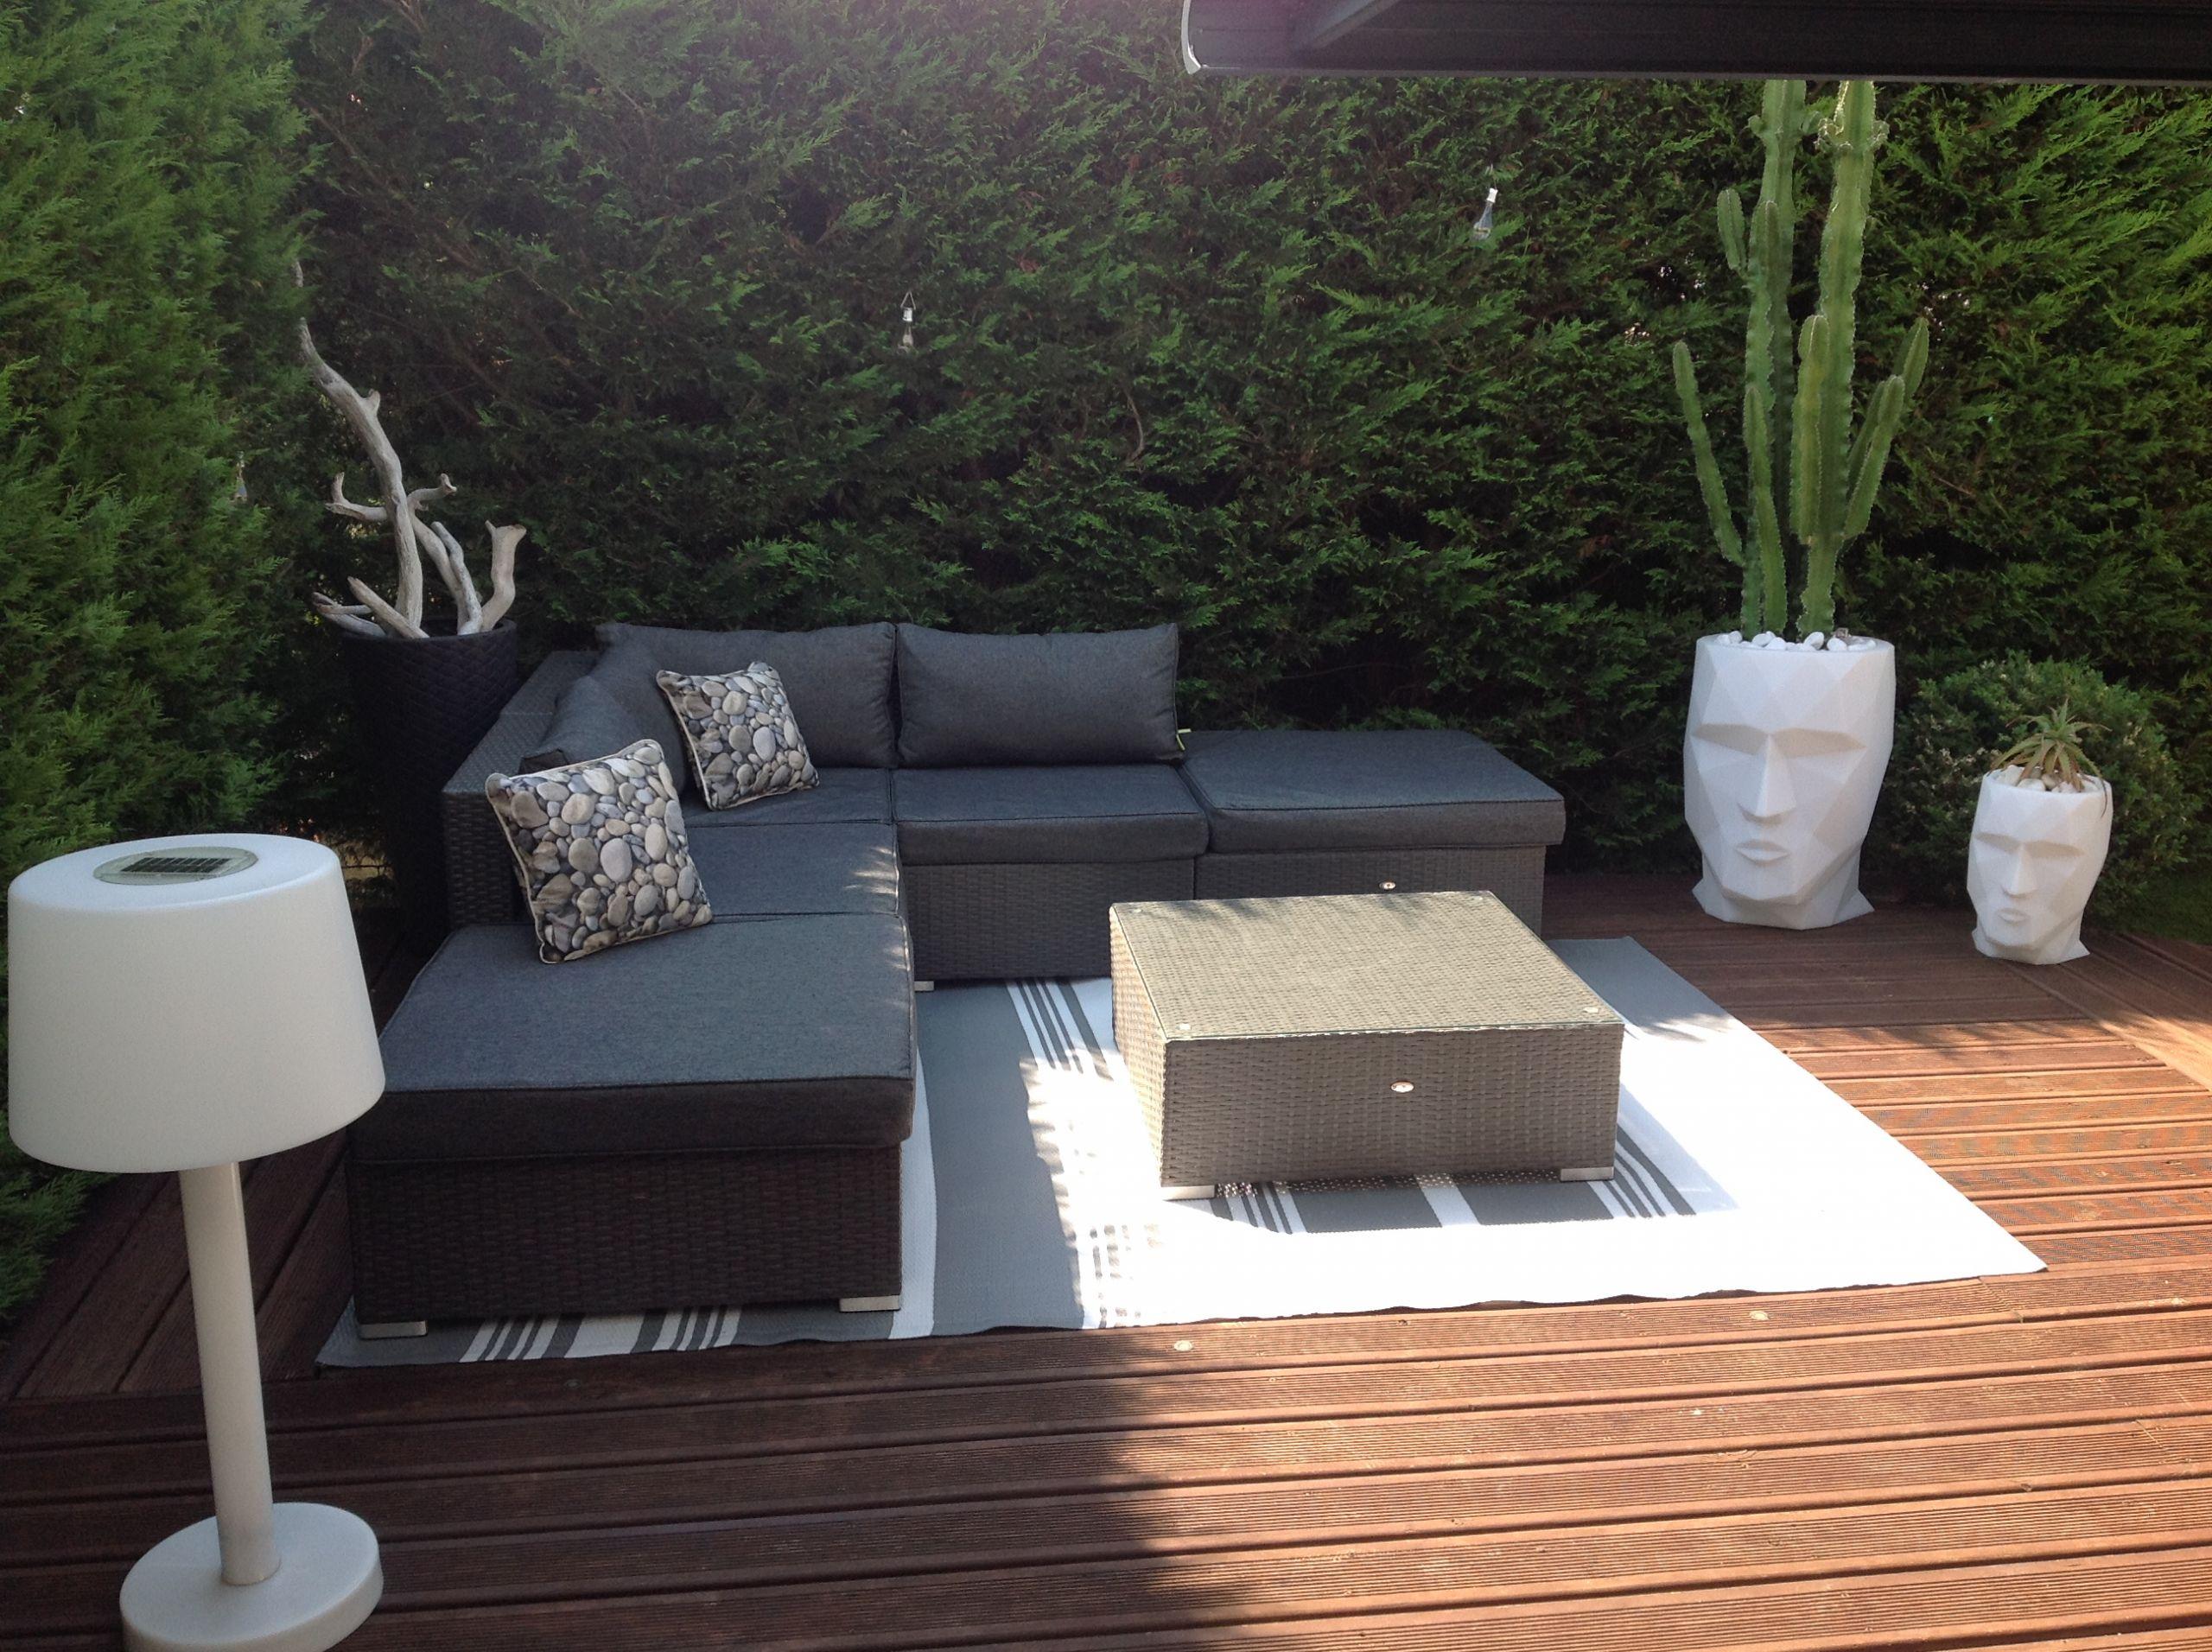 Salon Resine Tressee Charmant Salon Exterieur Terrasse ... destiné Table De Jardin En Resine Tressée